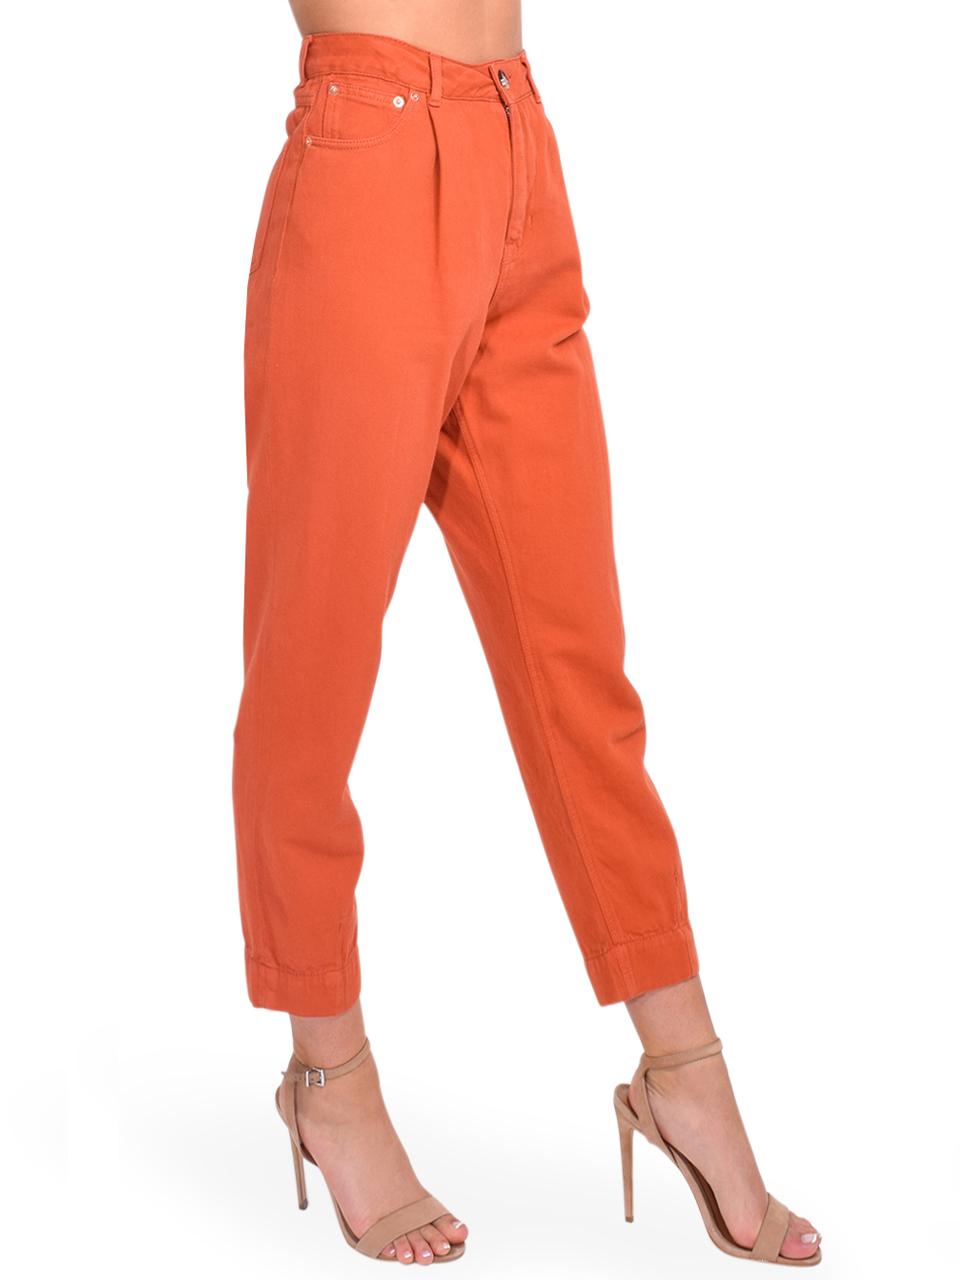 Bellerose Pleaty Jeans in Terracotta Side View